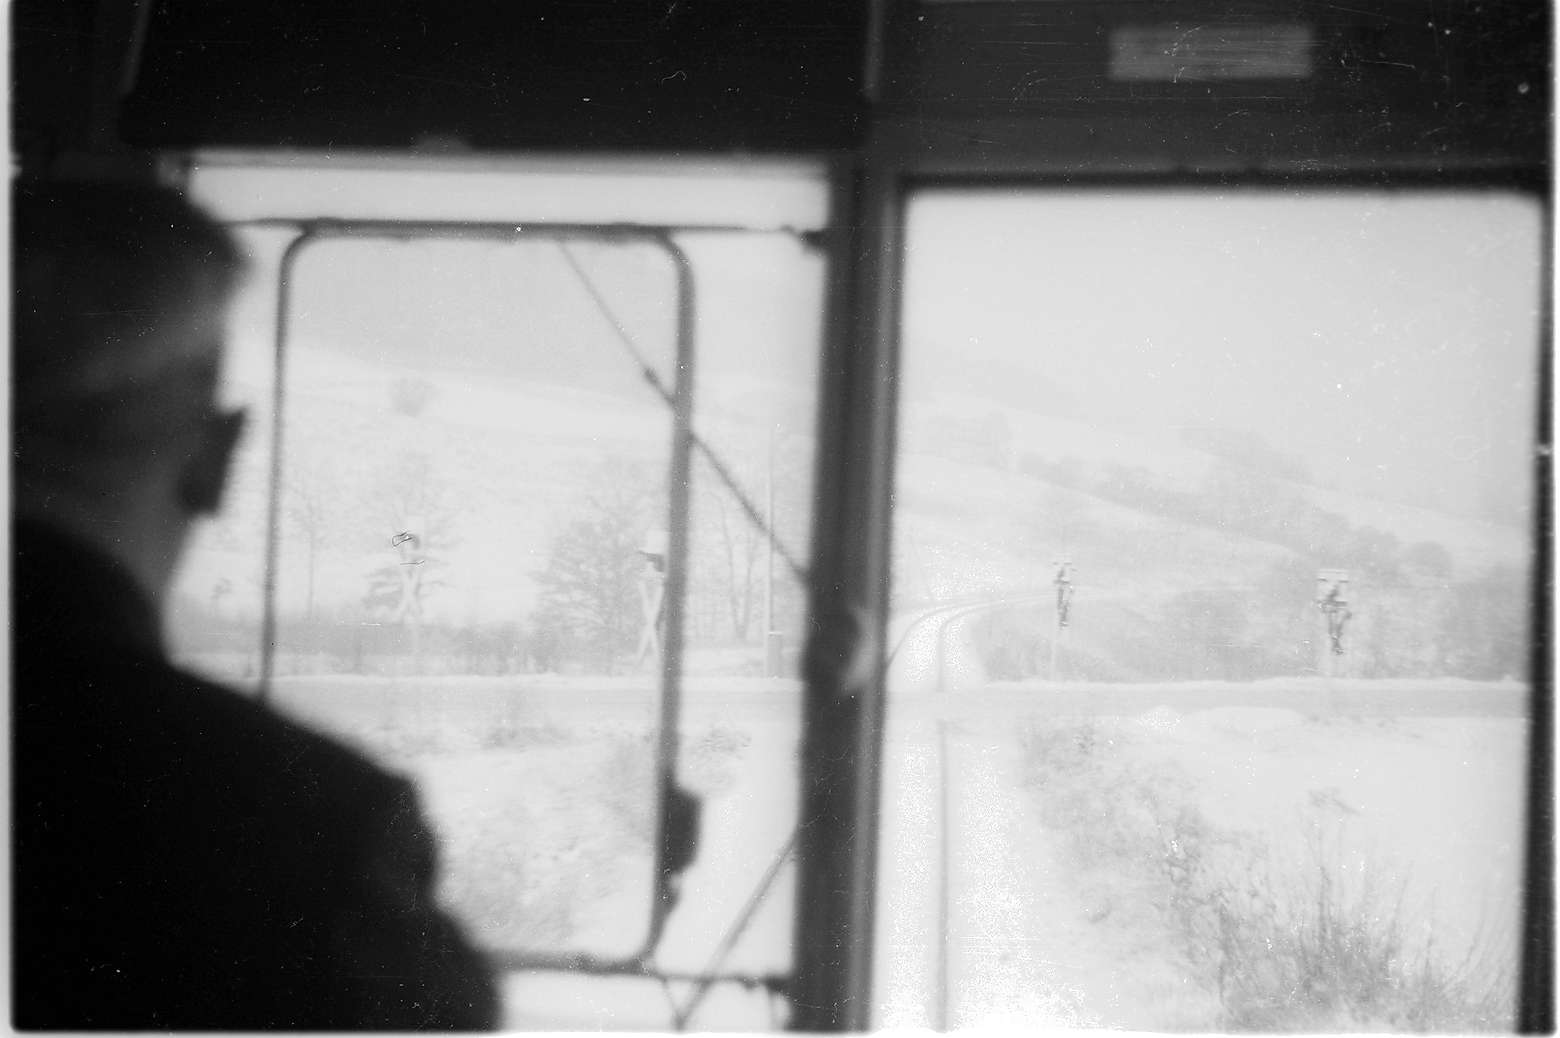 Killer, Blick aus Triebwagen VT 1 (1934 - 1975) auf die abgebrannte Strohhalle und einen Bahnübergang der B 32, Bild 1